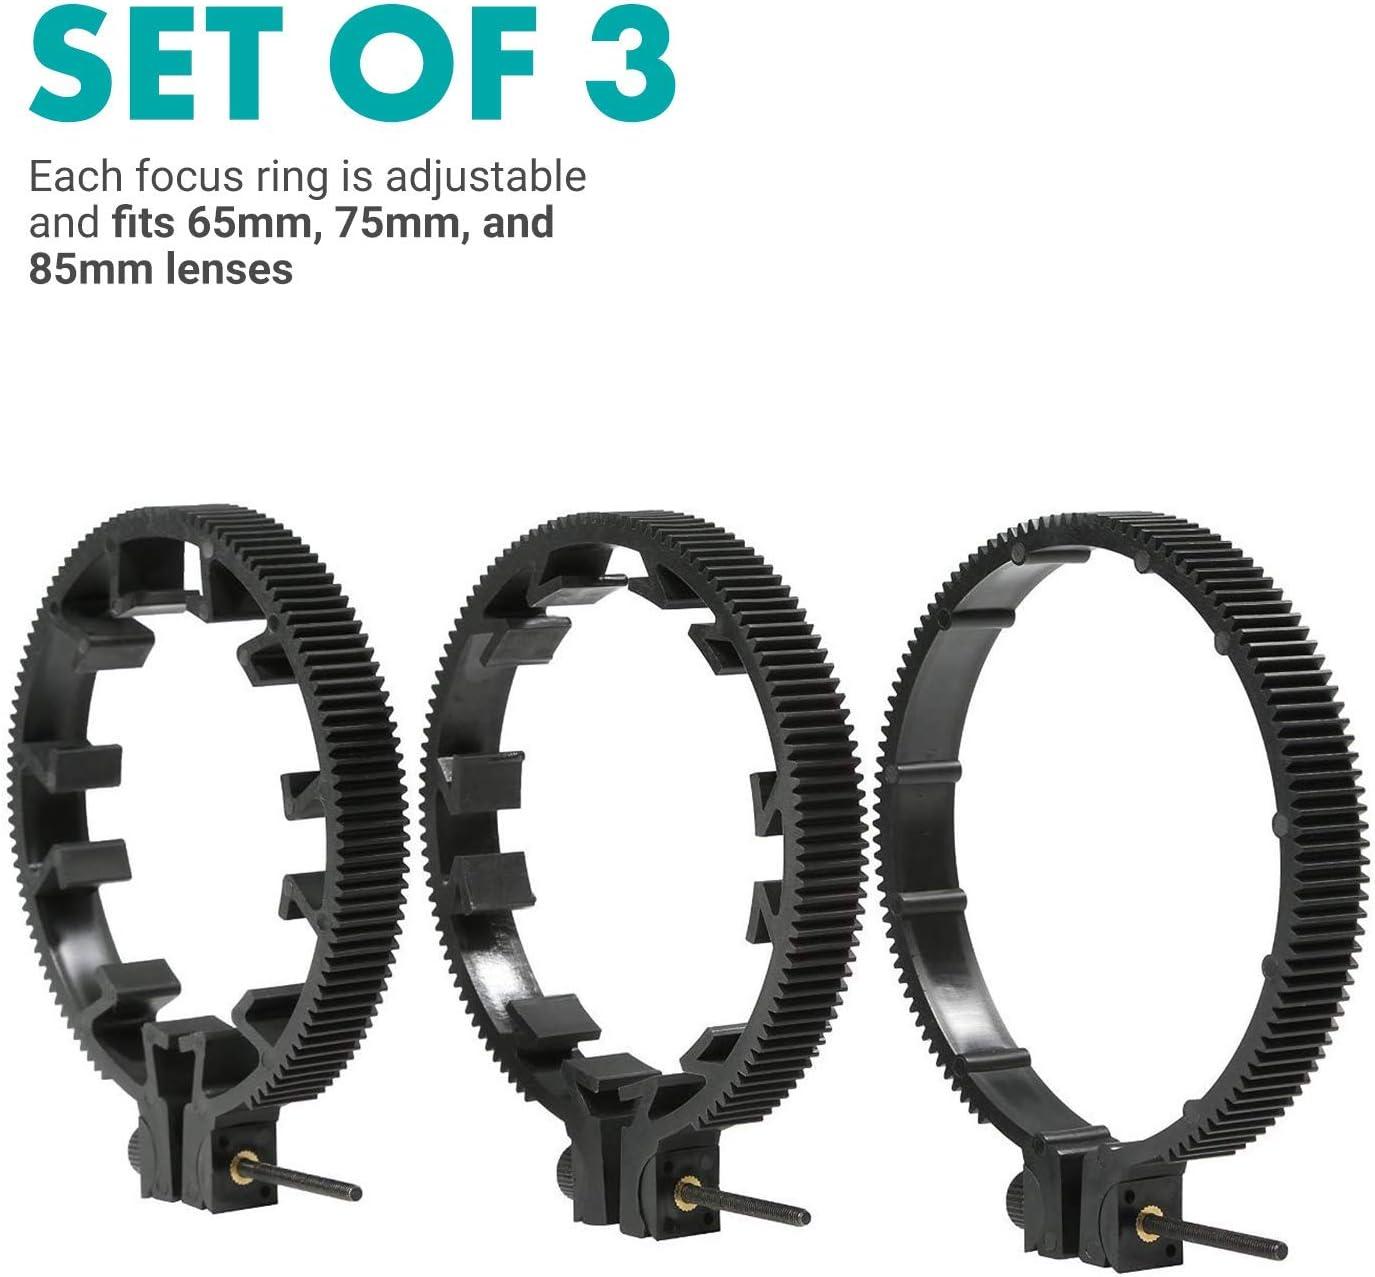 Shape Lens Gear Kit 0.8 Pitch for Still Lenses